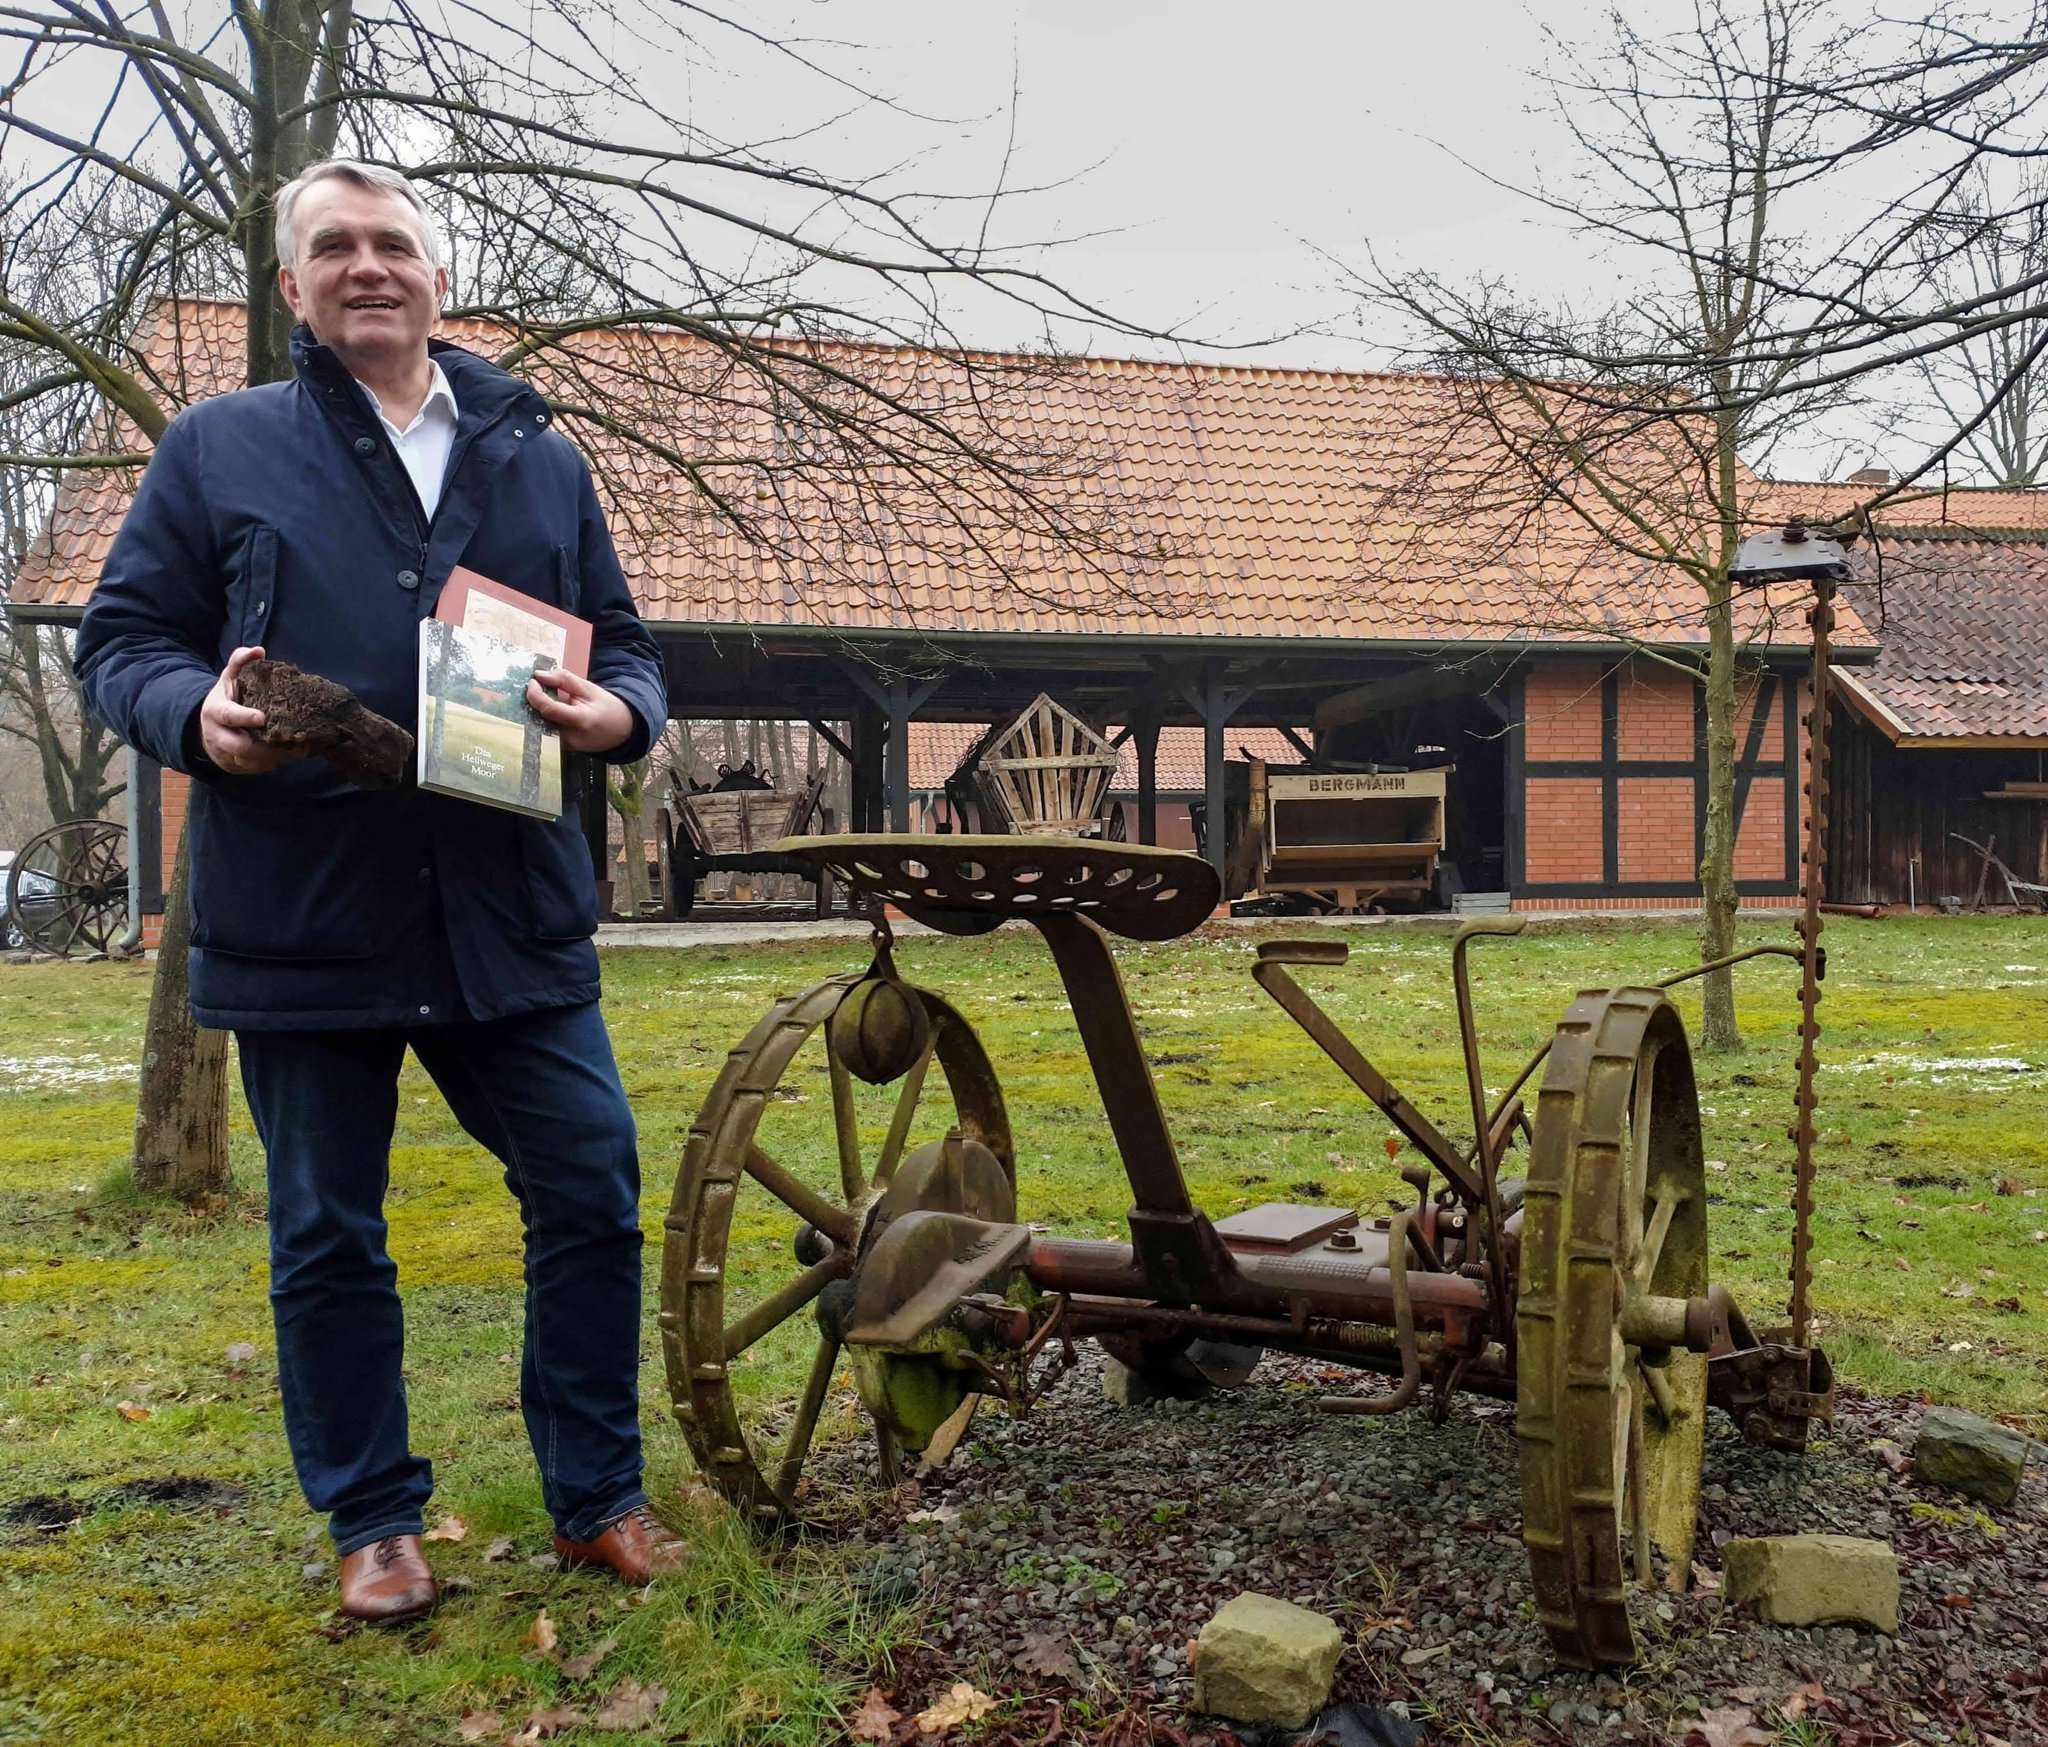 Posthausens Ortsbürgermeister Reiner Sterna plant eine Dauerausstellung zum Thema Moor.   Foto. Tobias Woelki